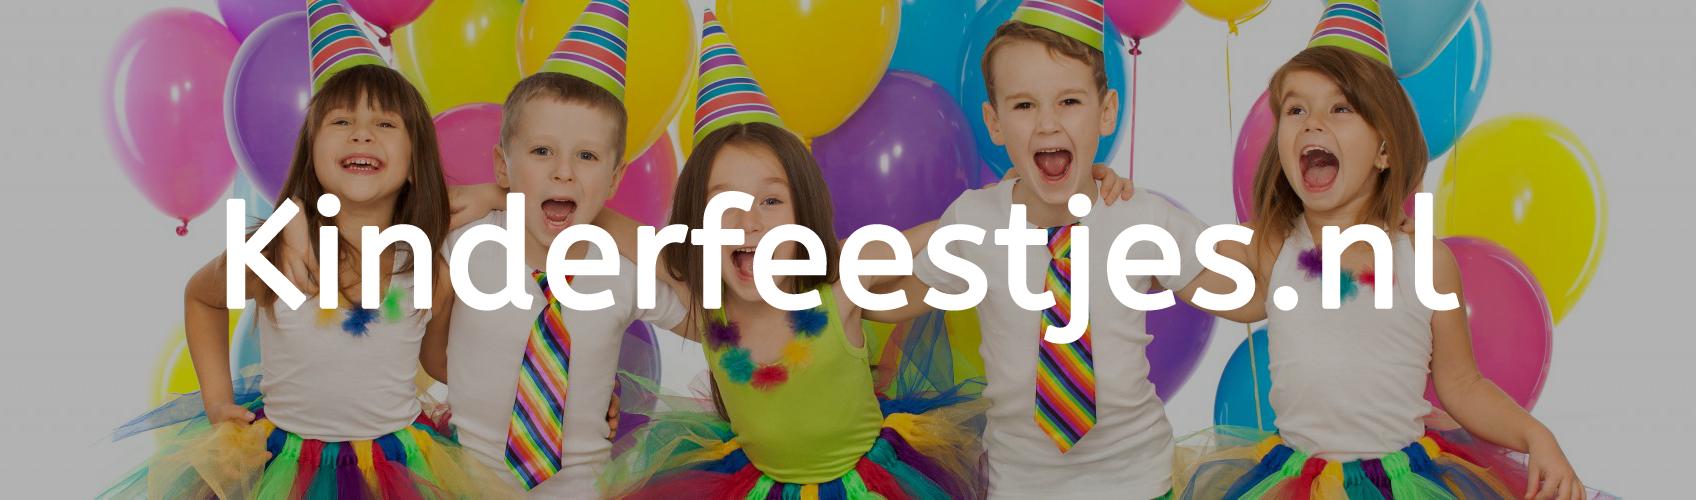 Iets Nieuws Kinderfeestjes.nl - Kinderfeestjes vieren? De leukste @QJ05